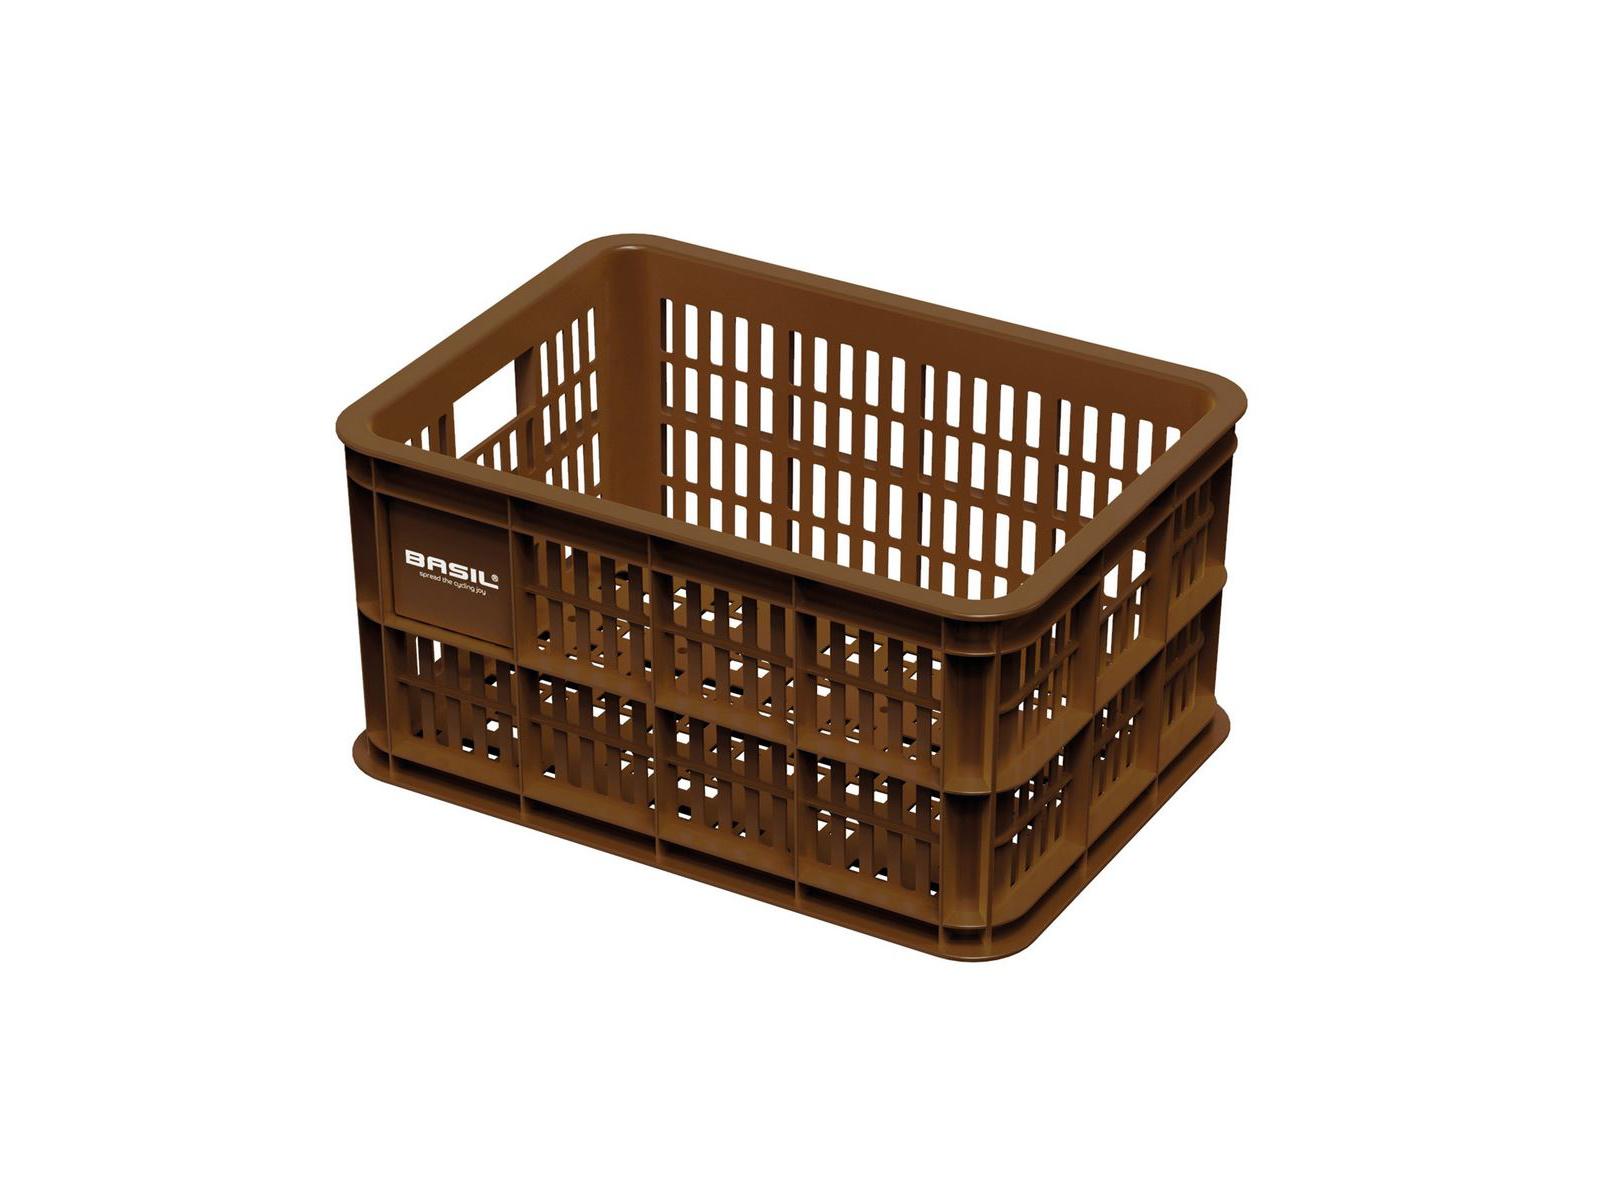 Picture of: Basil Crate S Plast Kurv Til Opbevaring Eller Bagagebaerer Saddle Brown Dkk 99 00